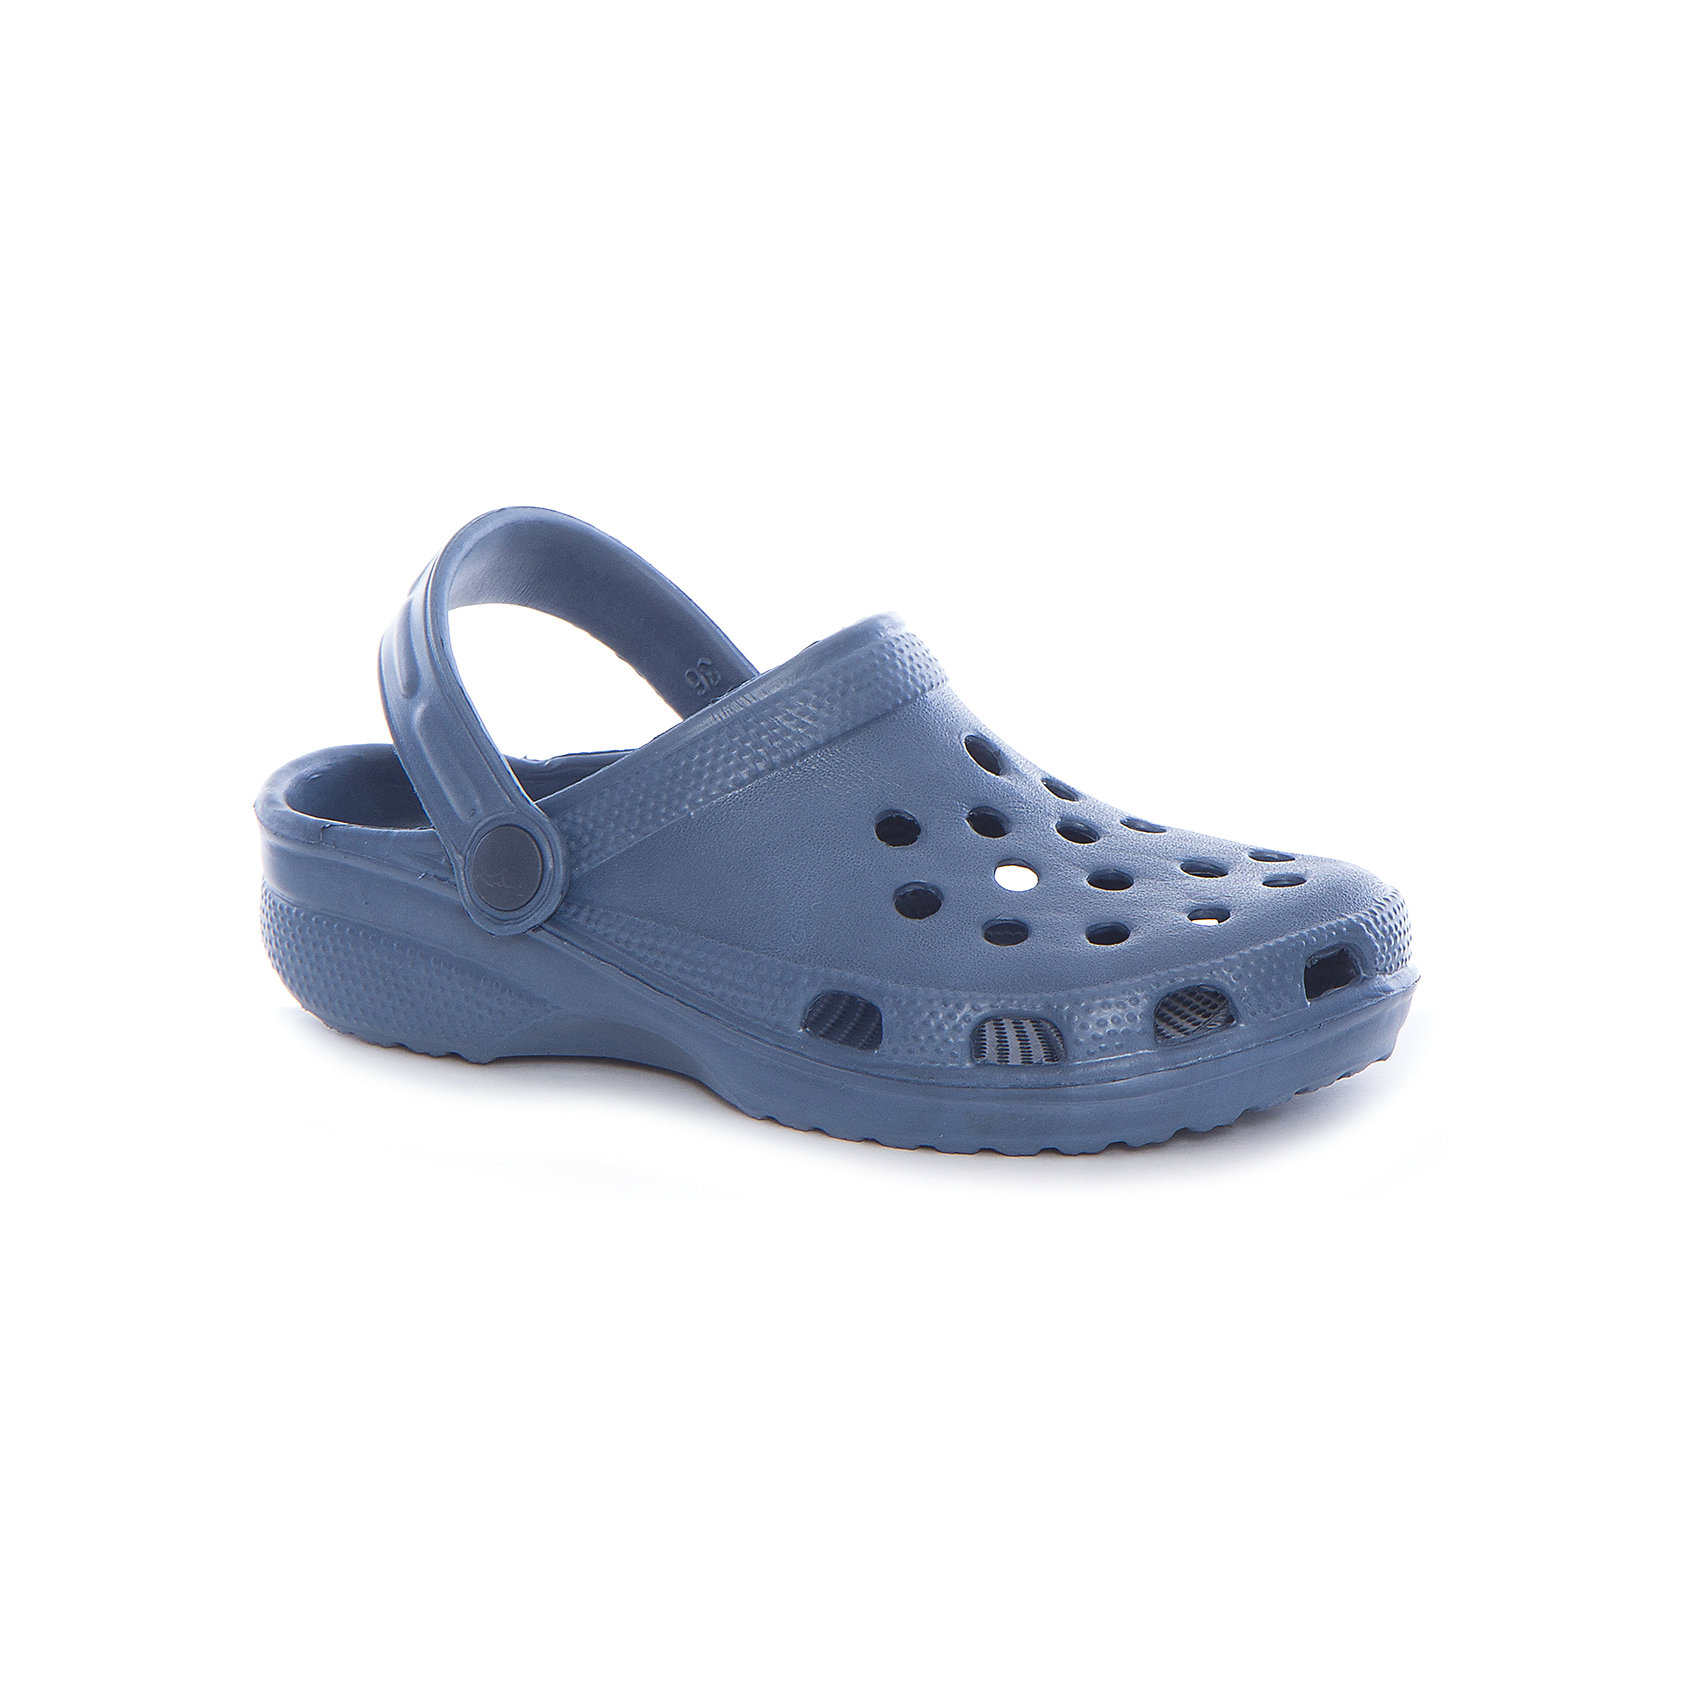 Сабо для мальчика ScoolПляжная обувь<br>Характеристики товара:<br><br>• цвет: синий<br>• состав: 100% этилвинилацетат<br>• сезон: лето<br>• с перфорацией<br>• фиксация пятки<br>• страна бренда: Германия<br>• страна производства: Китай<br><br>Пляжные шлёпанцы для мальчика Scool. Удобные шлёпанцы (кроксы) прекрасно подойдут и для поездки на пляж, и для дачи. Модель с подвижным запяточным ремнем, который можно откинуть , что позволяет легко снимать и одевать обувь. Изготовлены из легкого материала. Перфорация в верхней части обеспечивает вентиляцию ноги.<br><br>Пантолеты для мальчика от известного бренда Scool можно купить в нашем интернет-магазине.<br><br>Ширина мм: 225<br>Глубина мм: 139<br>Высота мм: 112<br>Вес г: 290<br>Цвет: синий<br>Возраст от месяцев: 144<br>Возраст до месяцев: 156<br>Пол: Мужской<br>Возраст: Детский<br>Размер: 36,39,37,38<br>SKU: 5406848